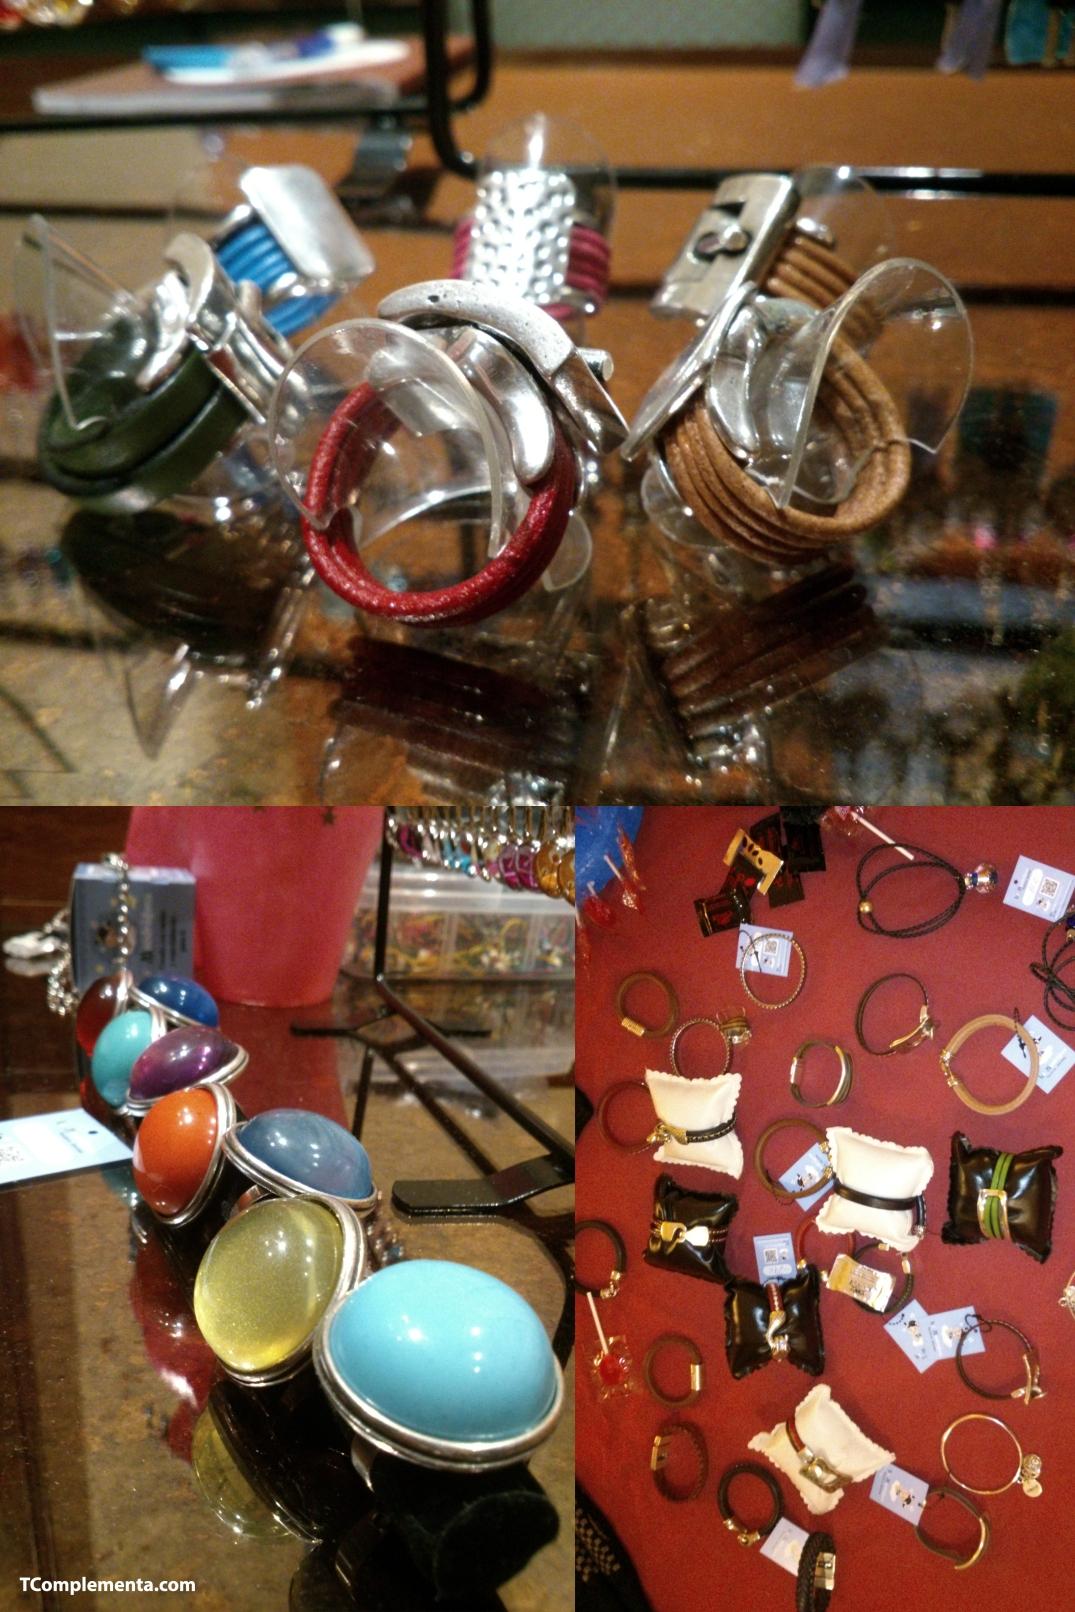 Joyas de la diseñadora Carmen Sanz: Anillos, pulseras, collares, etc. - Fotografía de Ismael Pérez Arana.